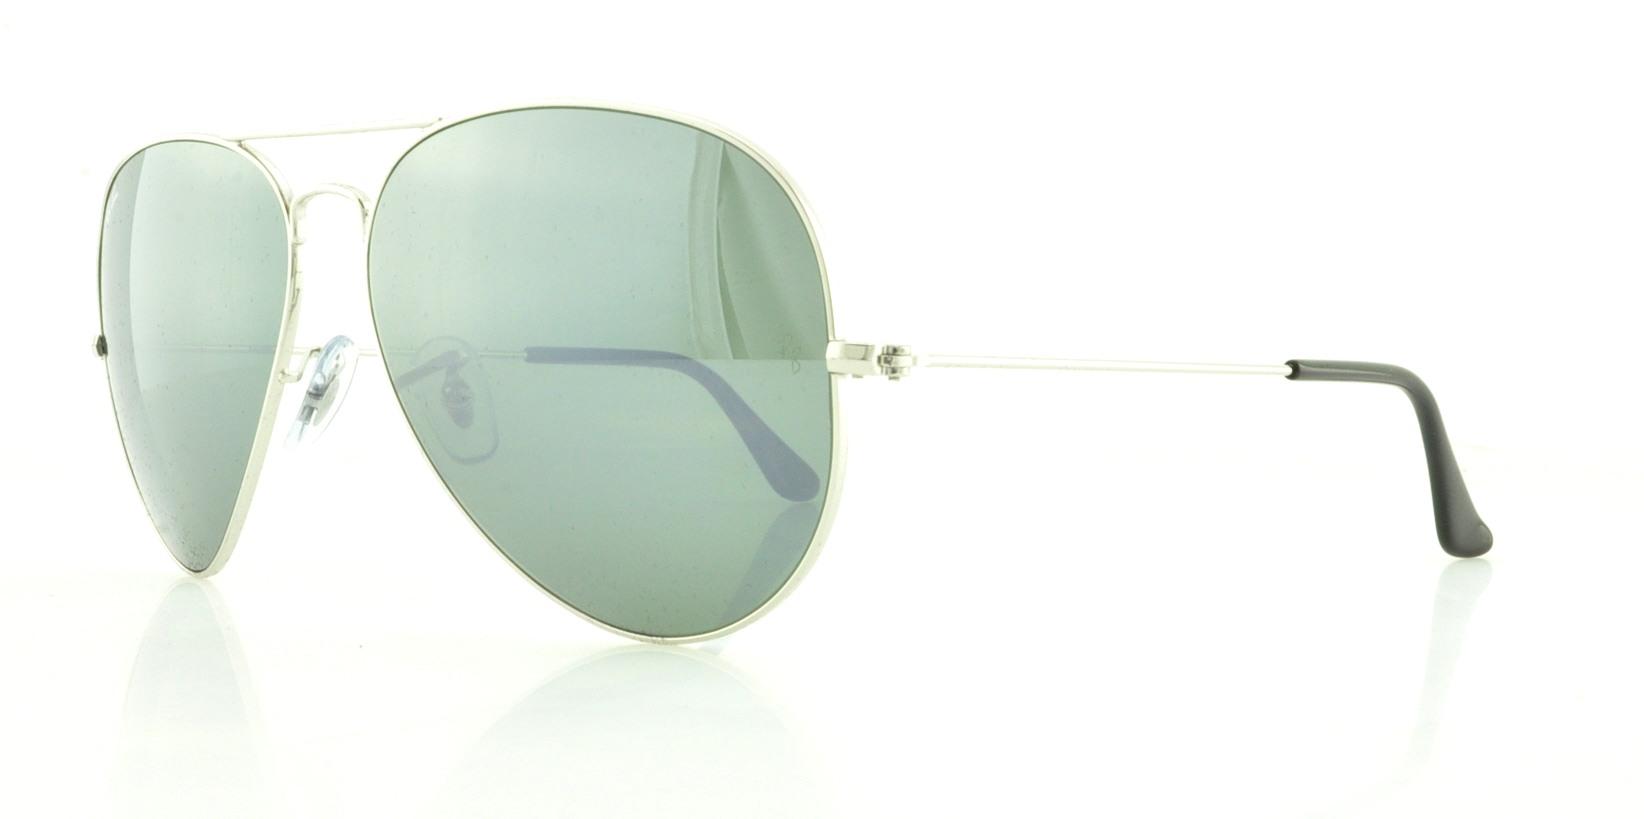 003/40 Silver